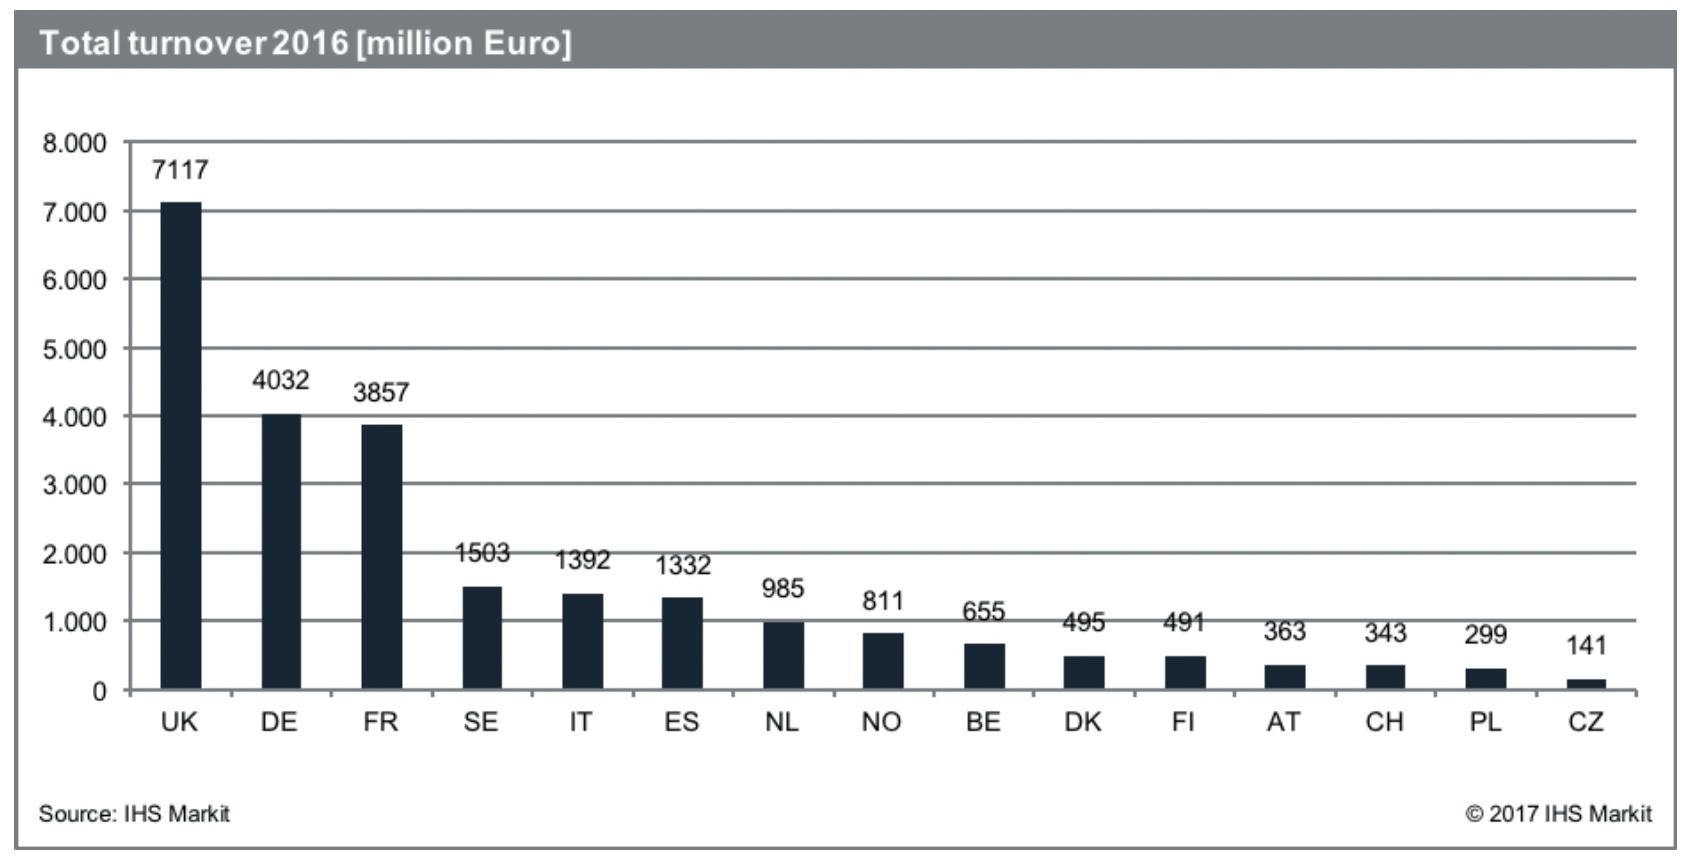 Total turnover 2016 (million Euro)